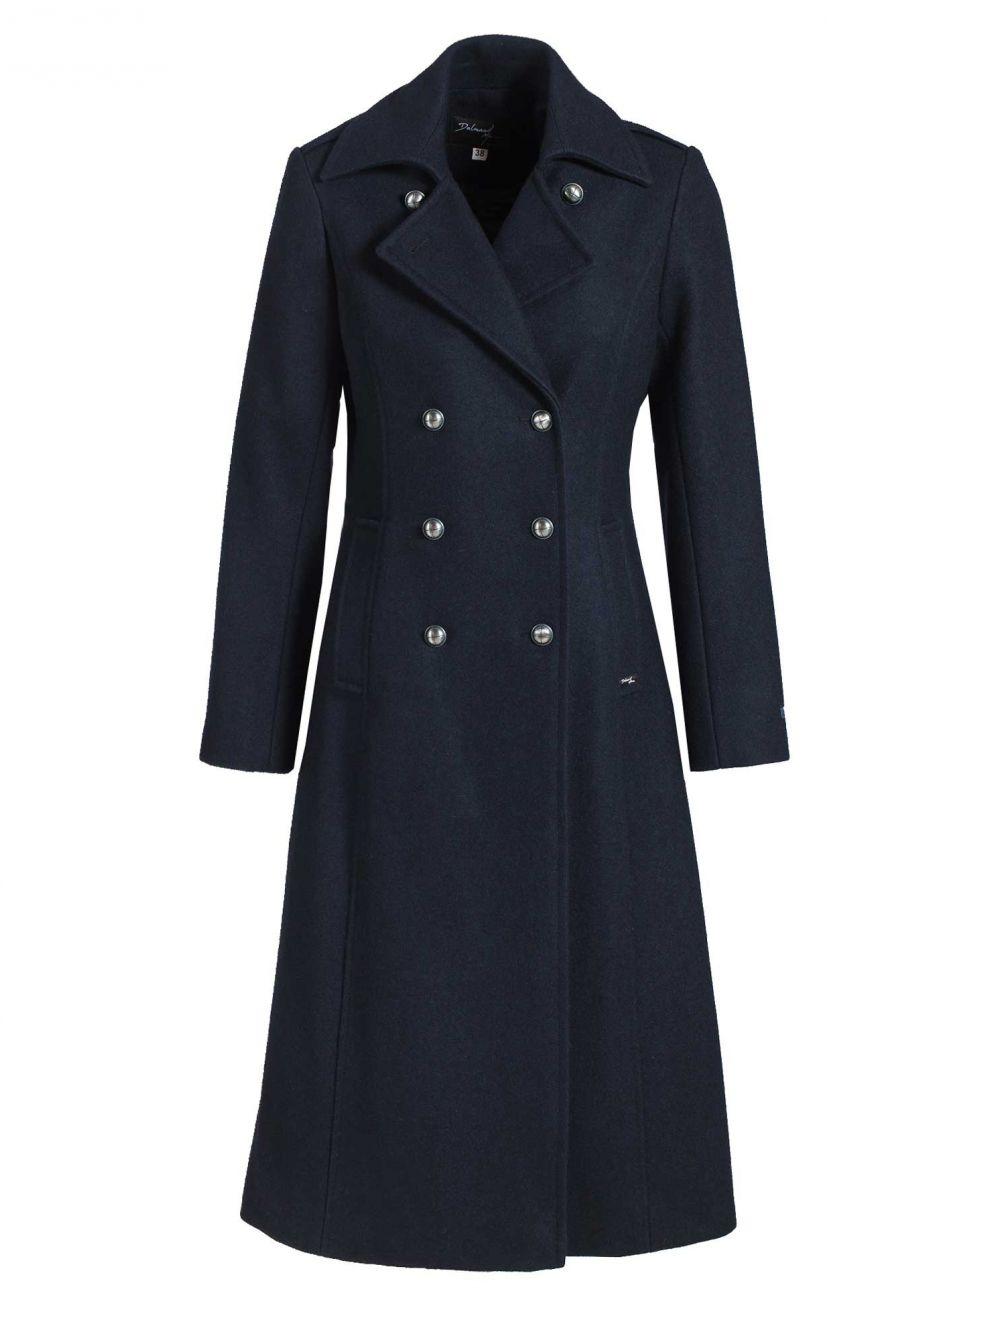 manteau long femme carnac qualit cachemire la maison du caban et du kabic by dalmard marine. Black Bedroom Furniture Sets. Home Design Ideas